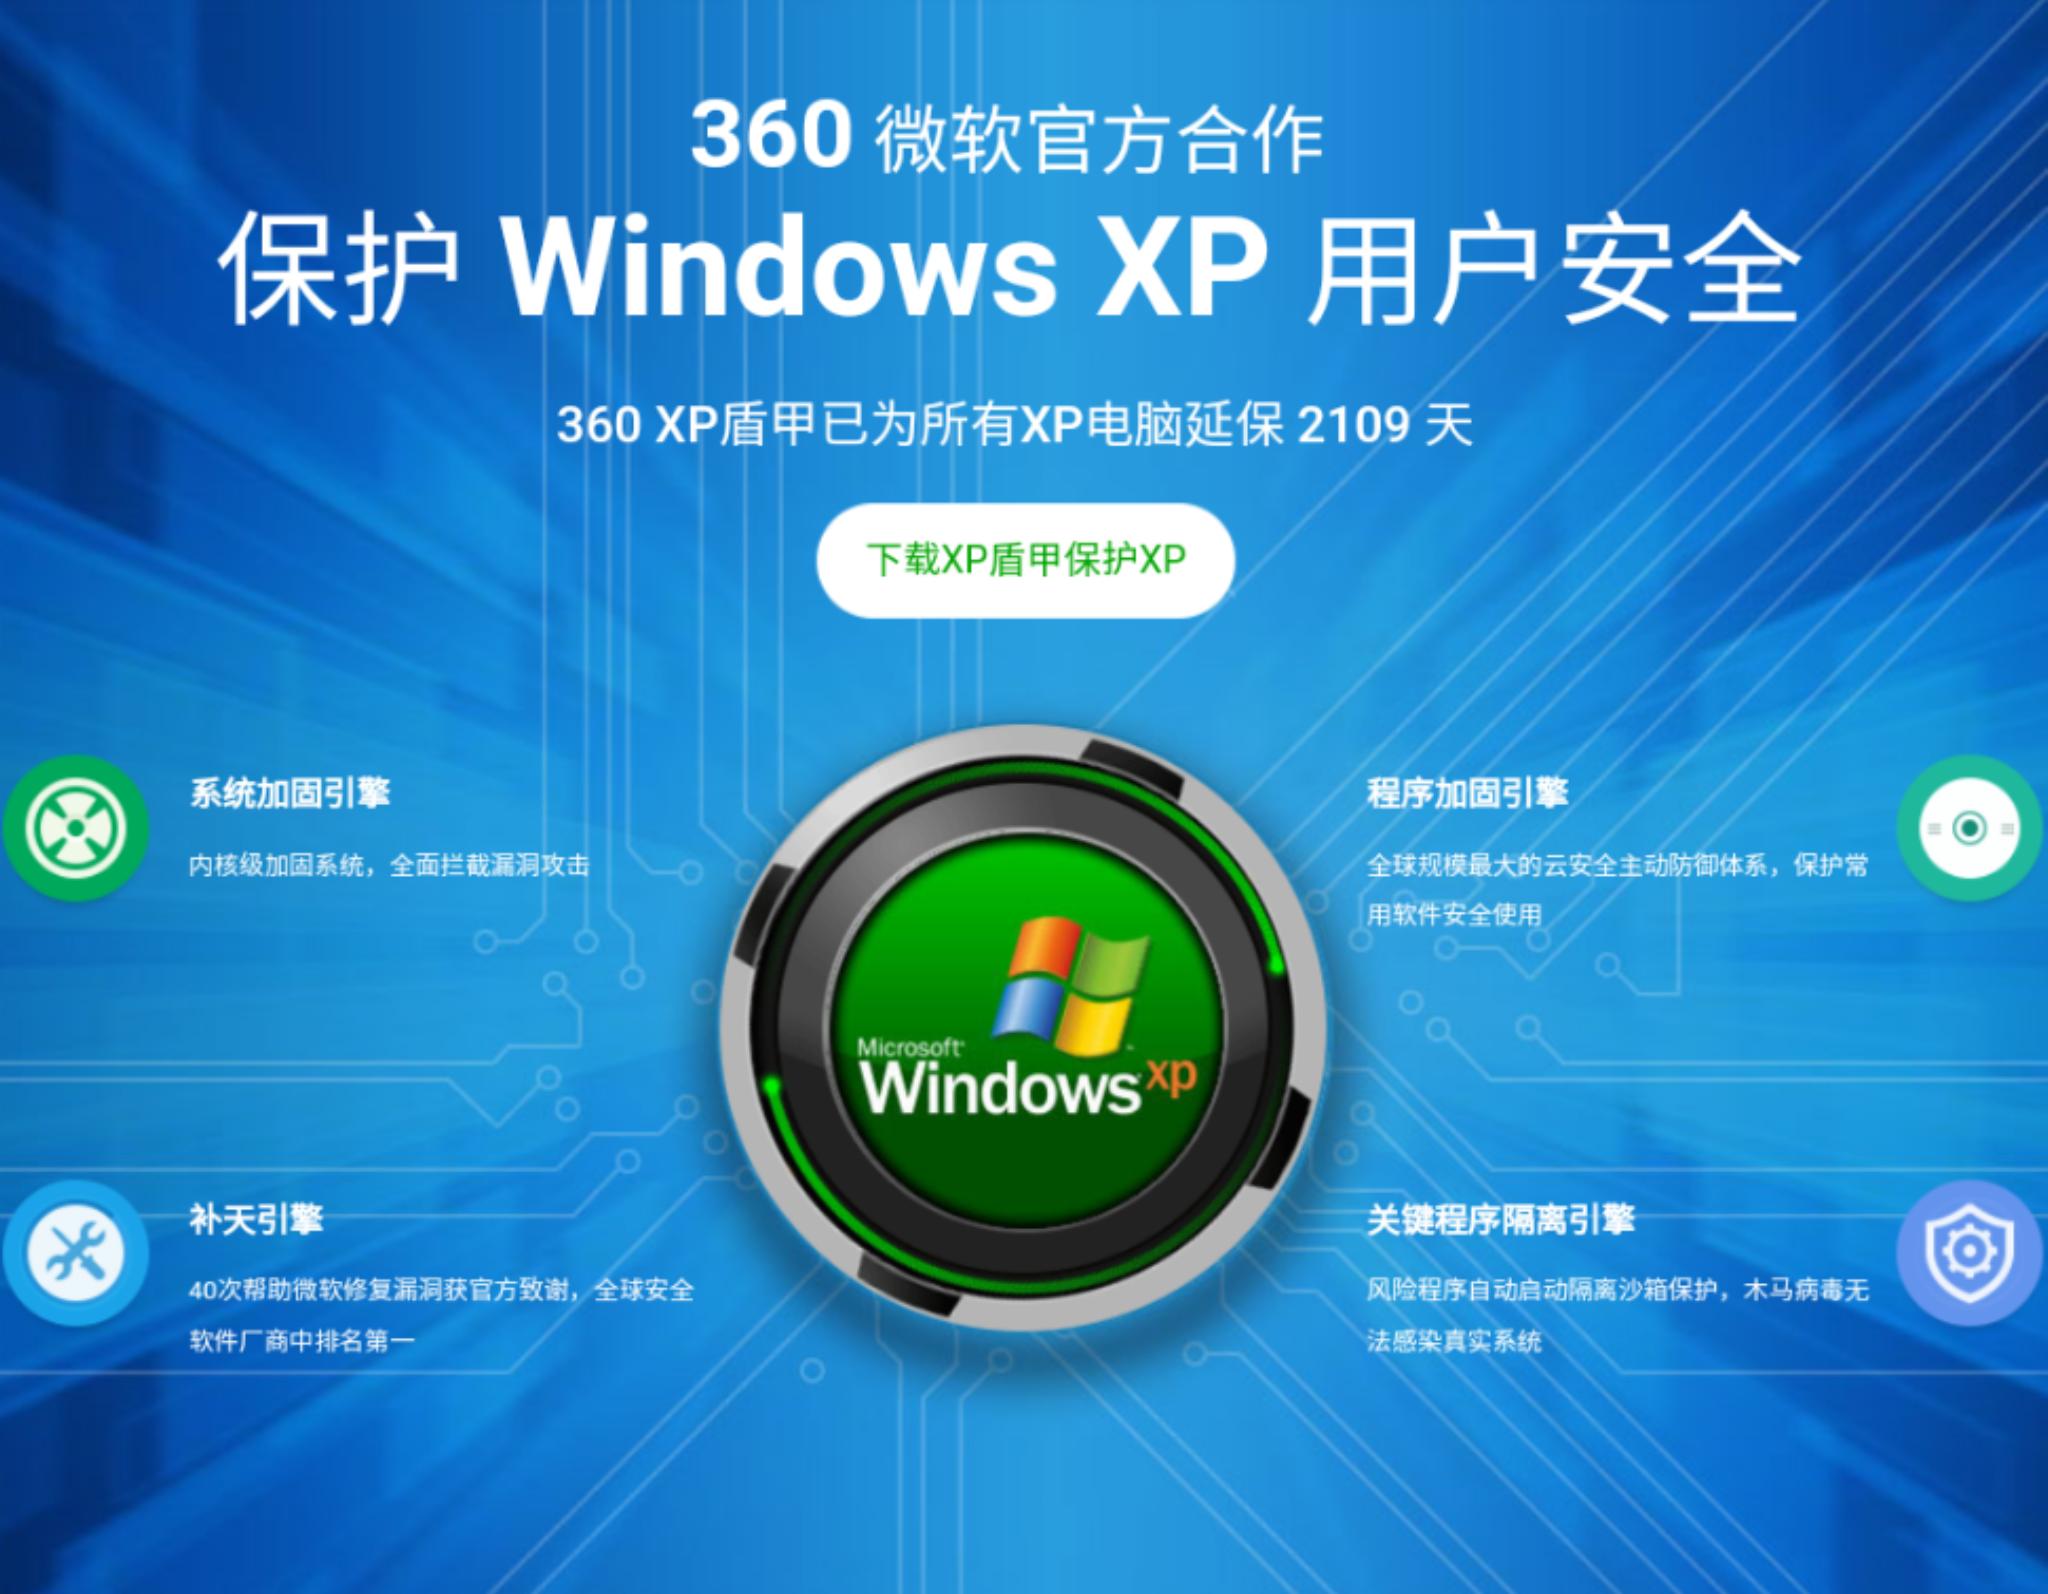 """360:我们将继续护航win7 用户:""""果然360win7盾甲来了"""""""